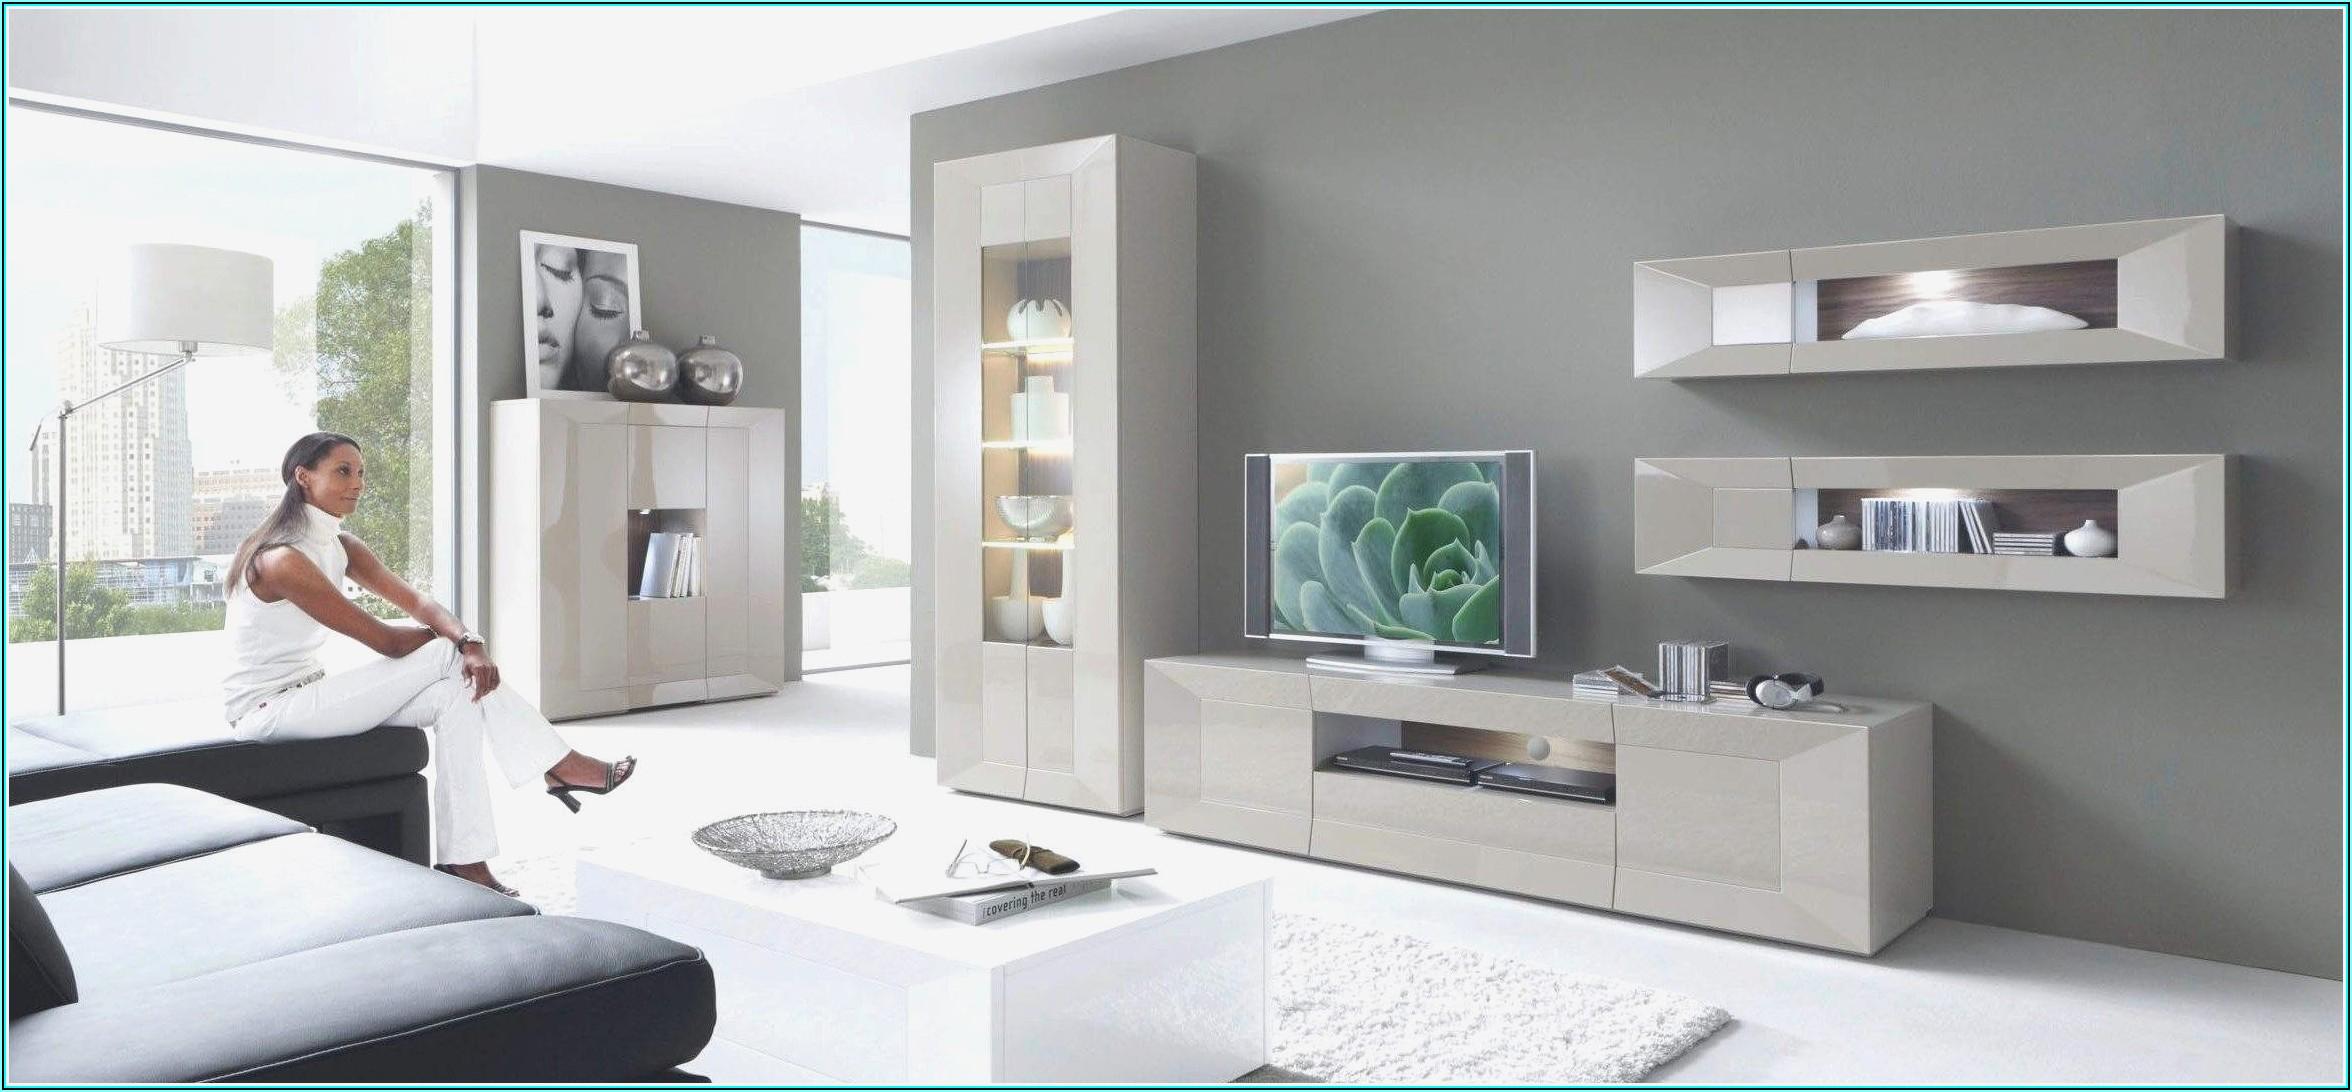 Wohnzimmerwand Ideen Farbe